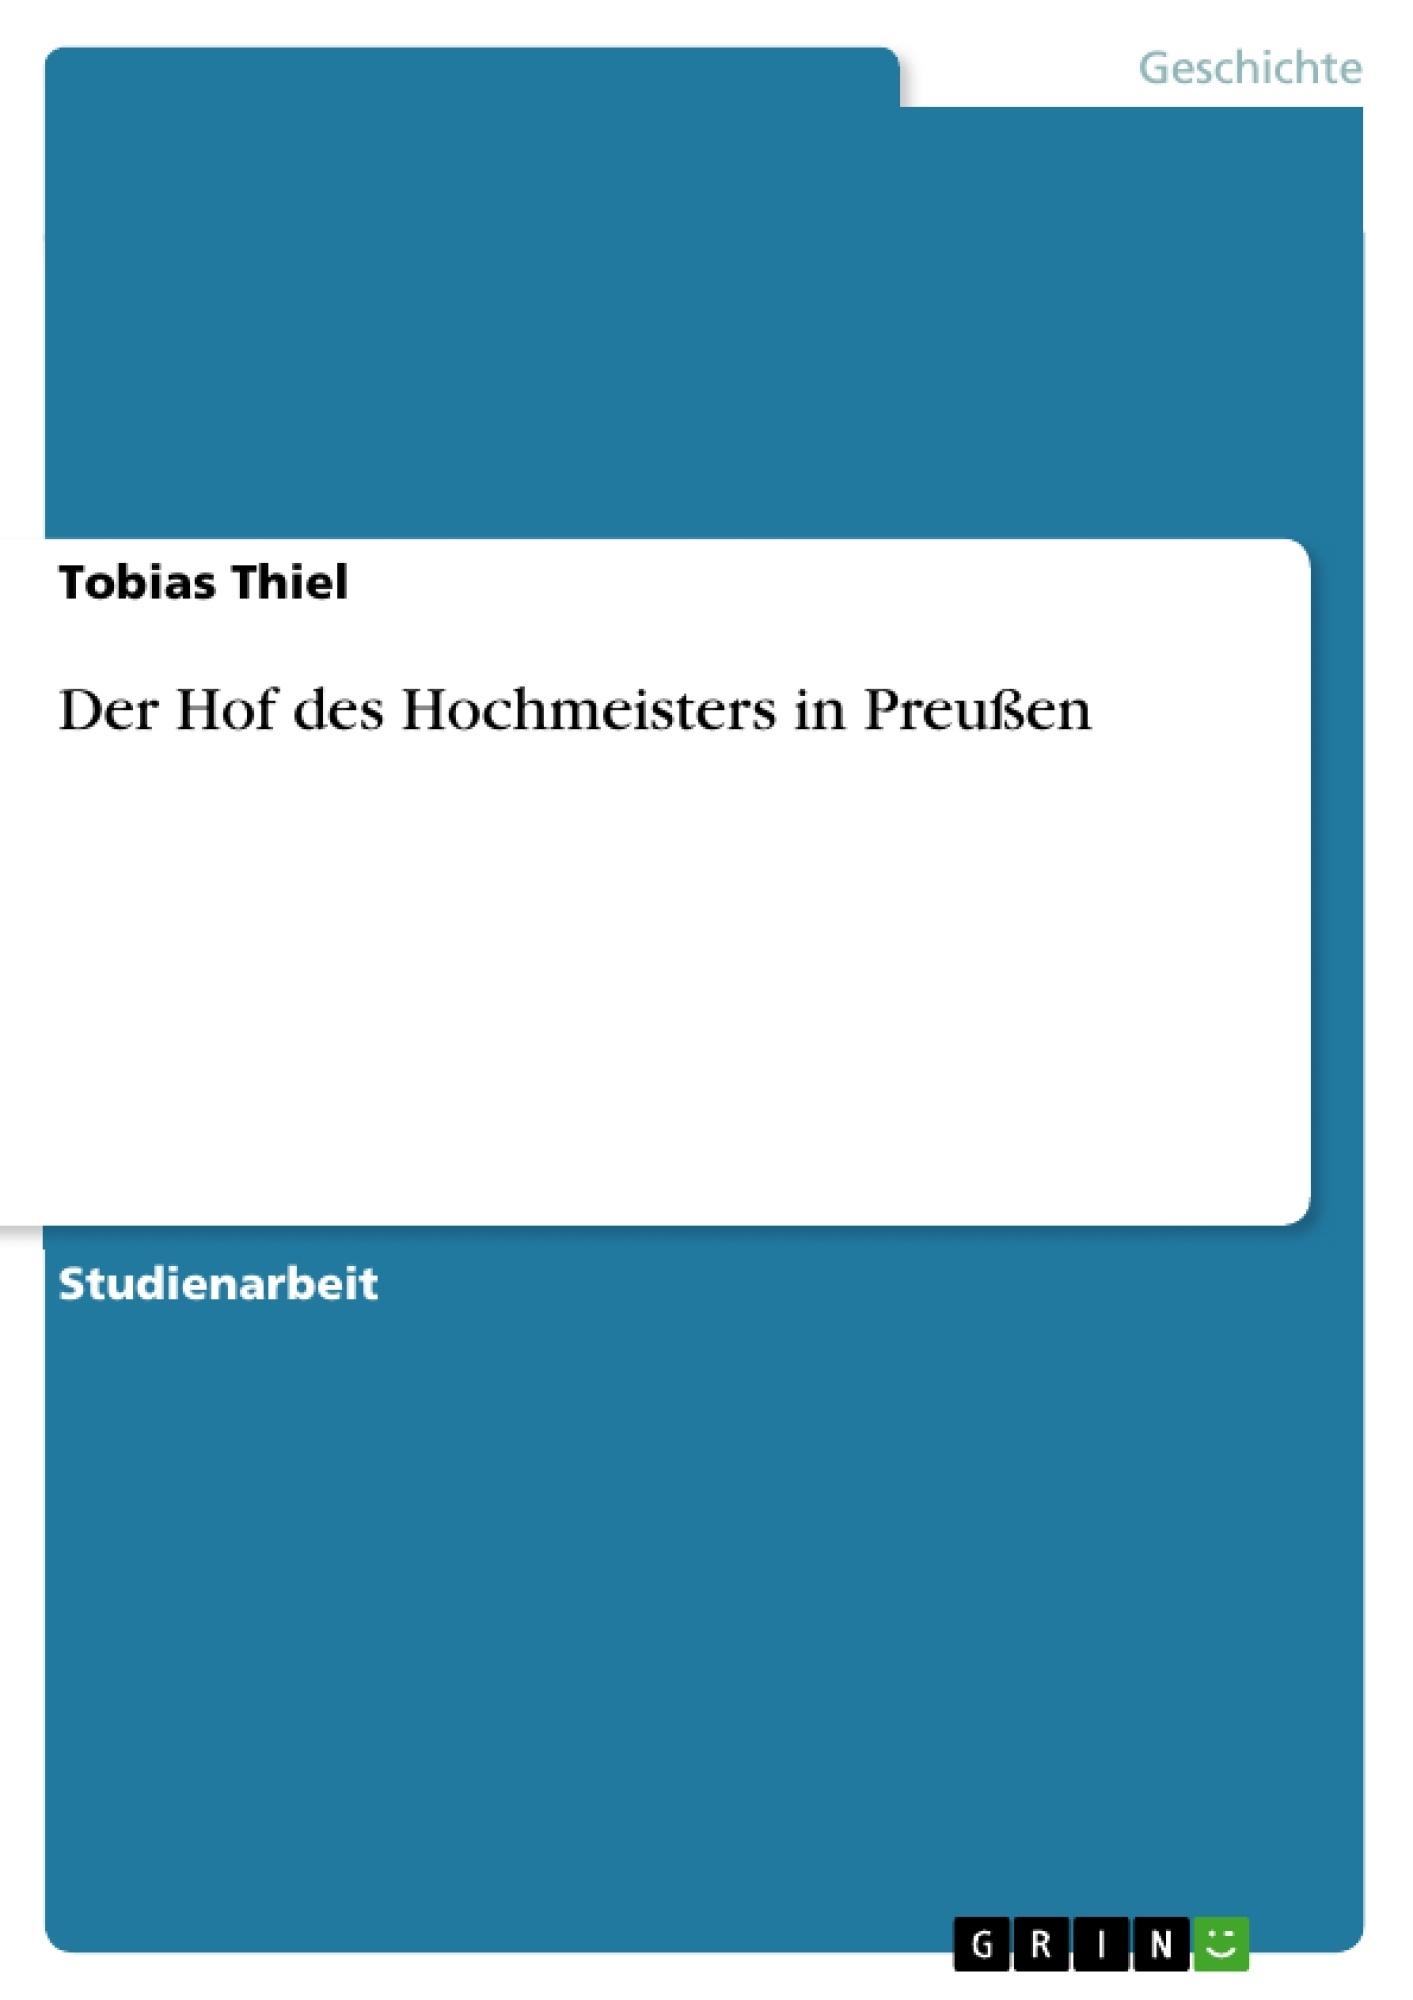 Titel: Der Hof des Hochmeisters in Preußen